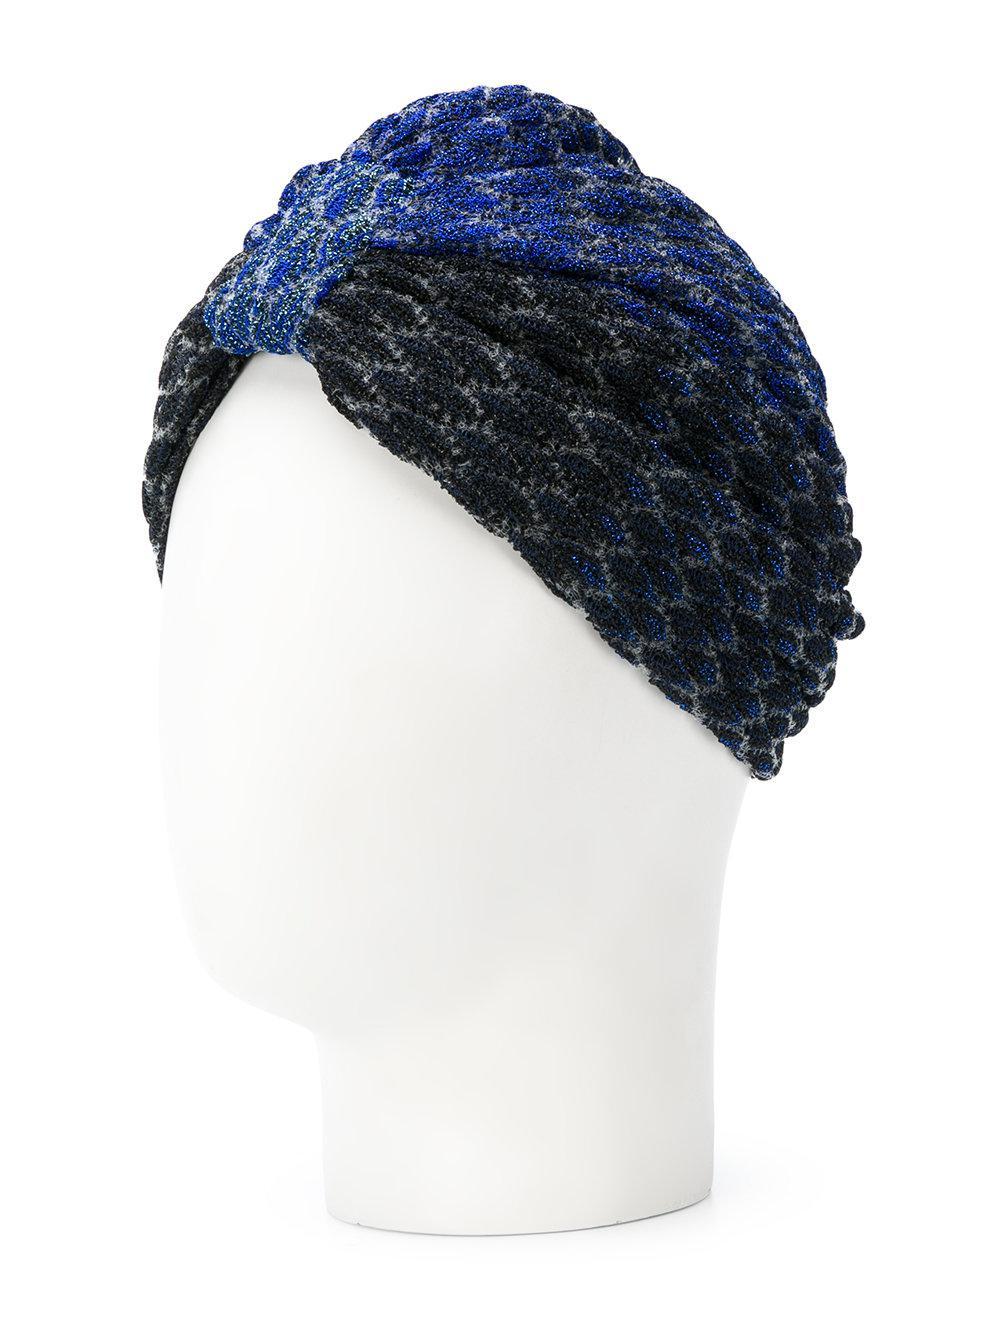 44b220c2751 Missoni - Blue Turban Knit Hat - Lyst. View fullscreen